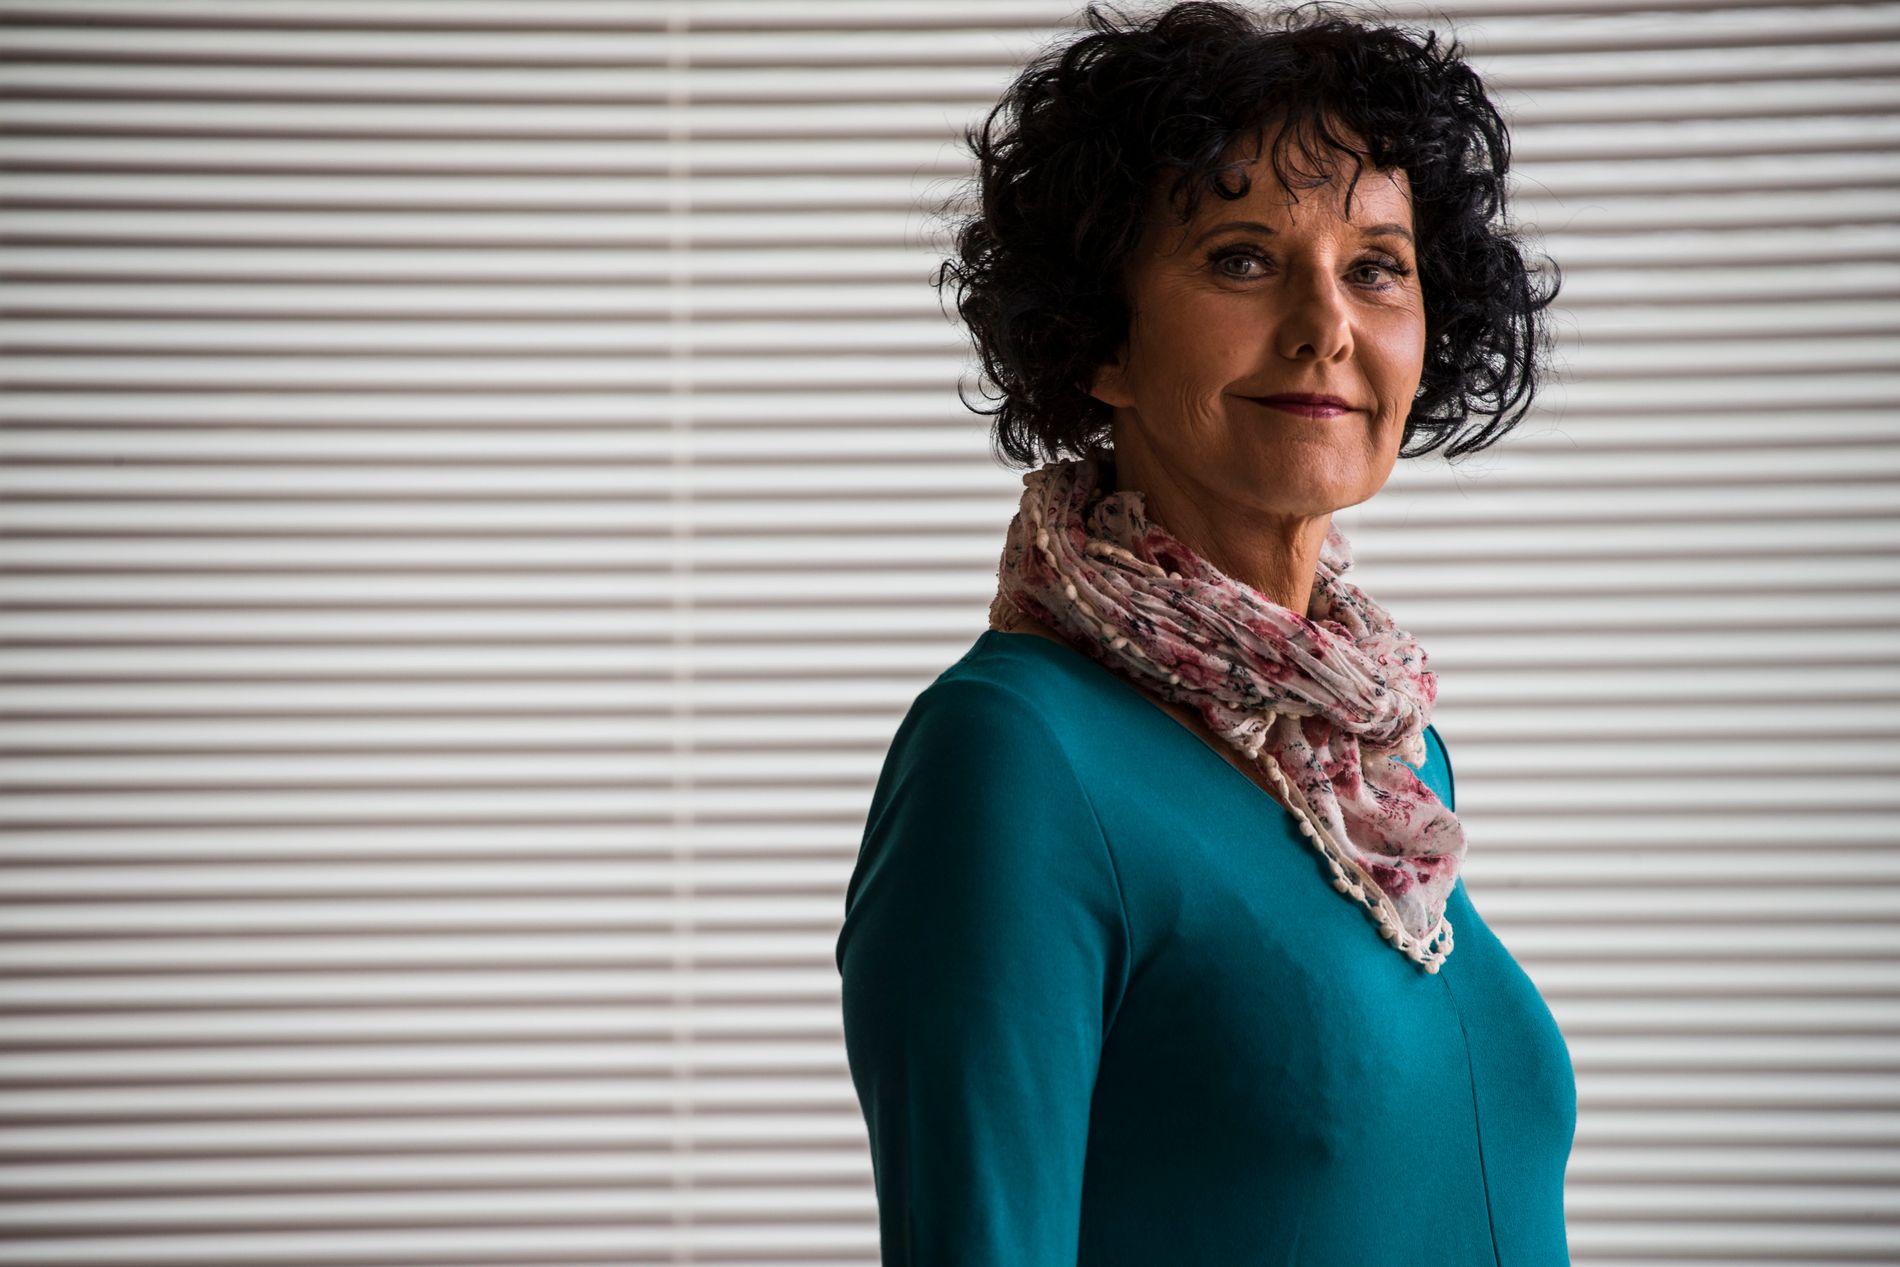 MINNES: Forfatterkollega Unni Lindell sier til VG at Michelet gjorde solid stykke nasjonalt arbeid, som ikke har vært gjort tidligere.